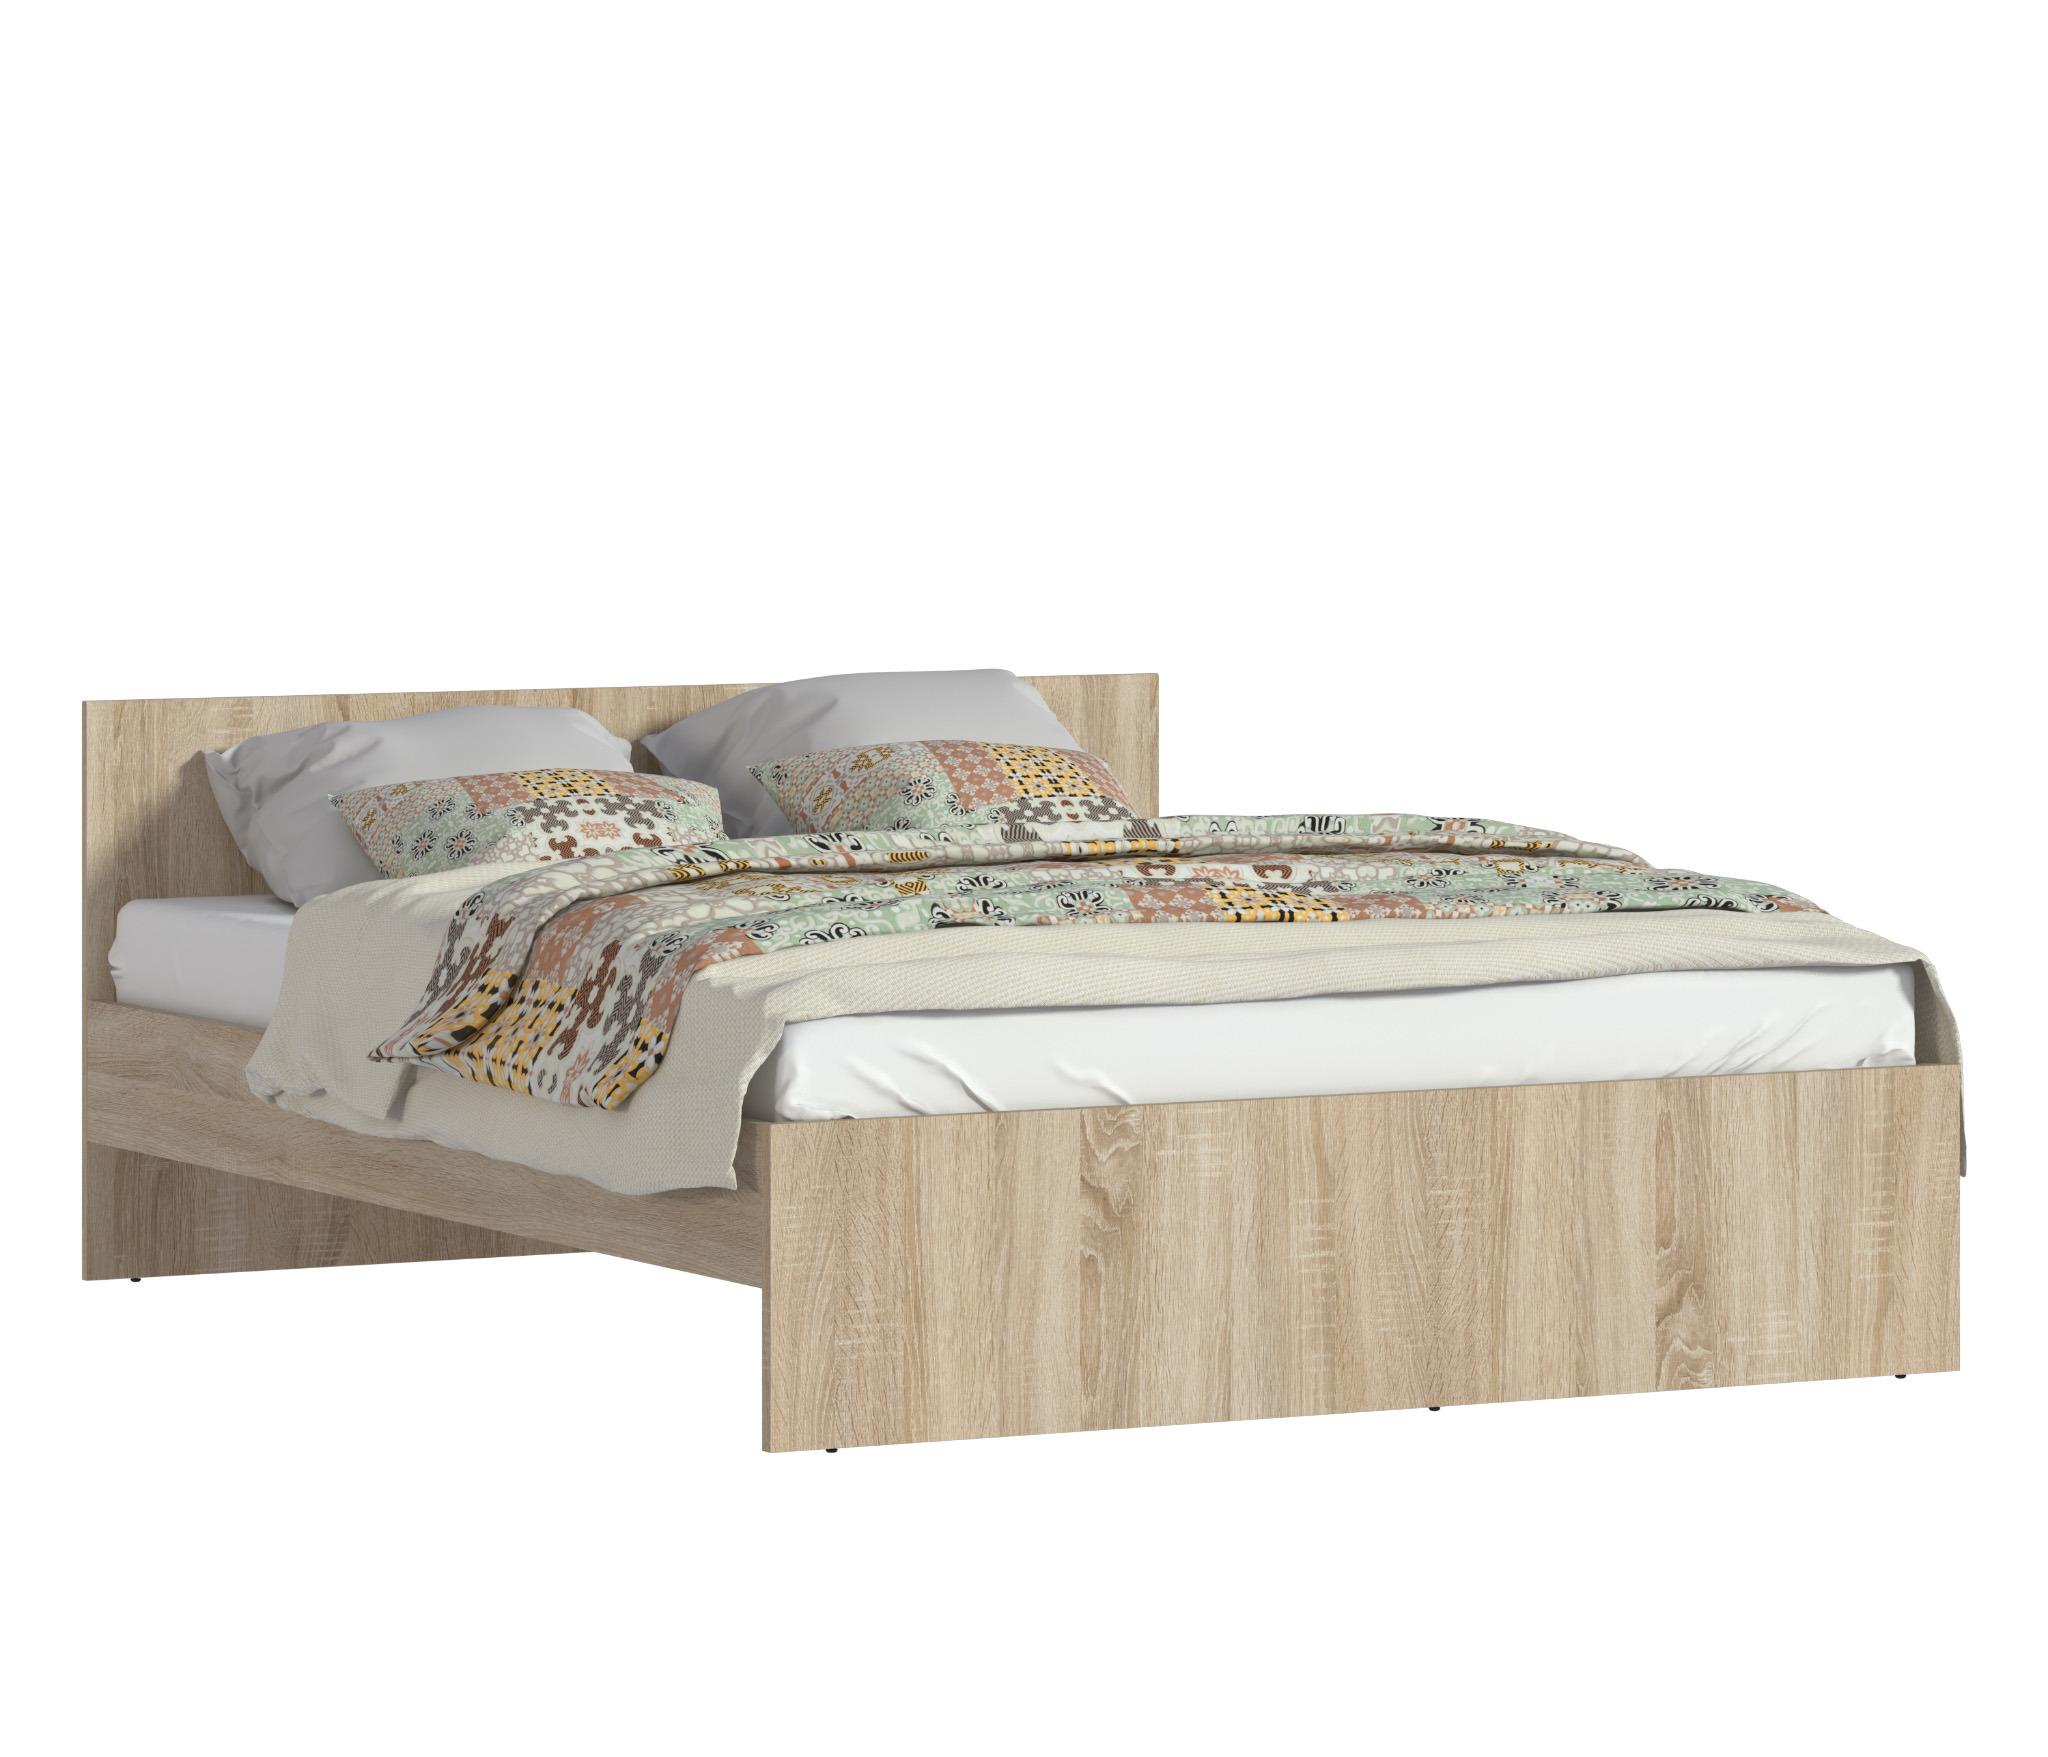 Купить со скидкой Мамбо СБ-2679 Кровать